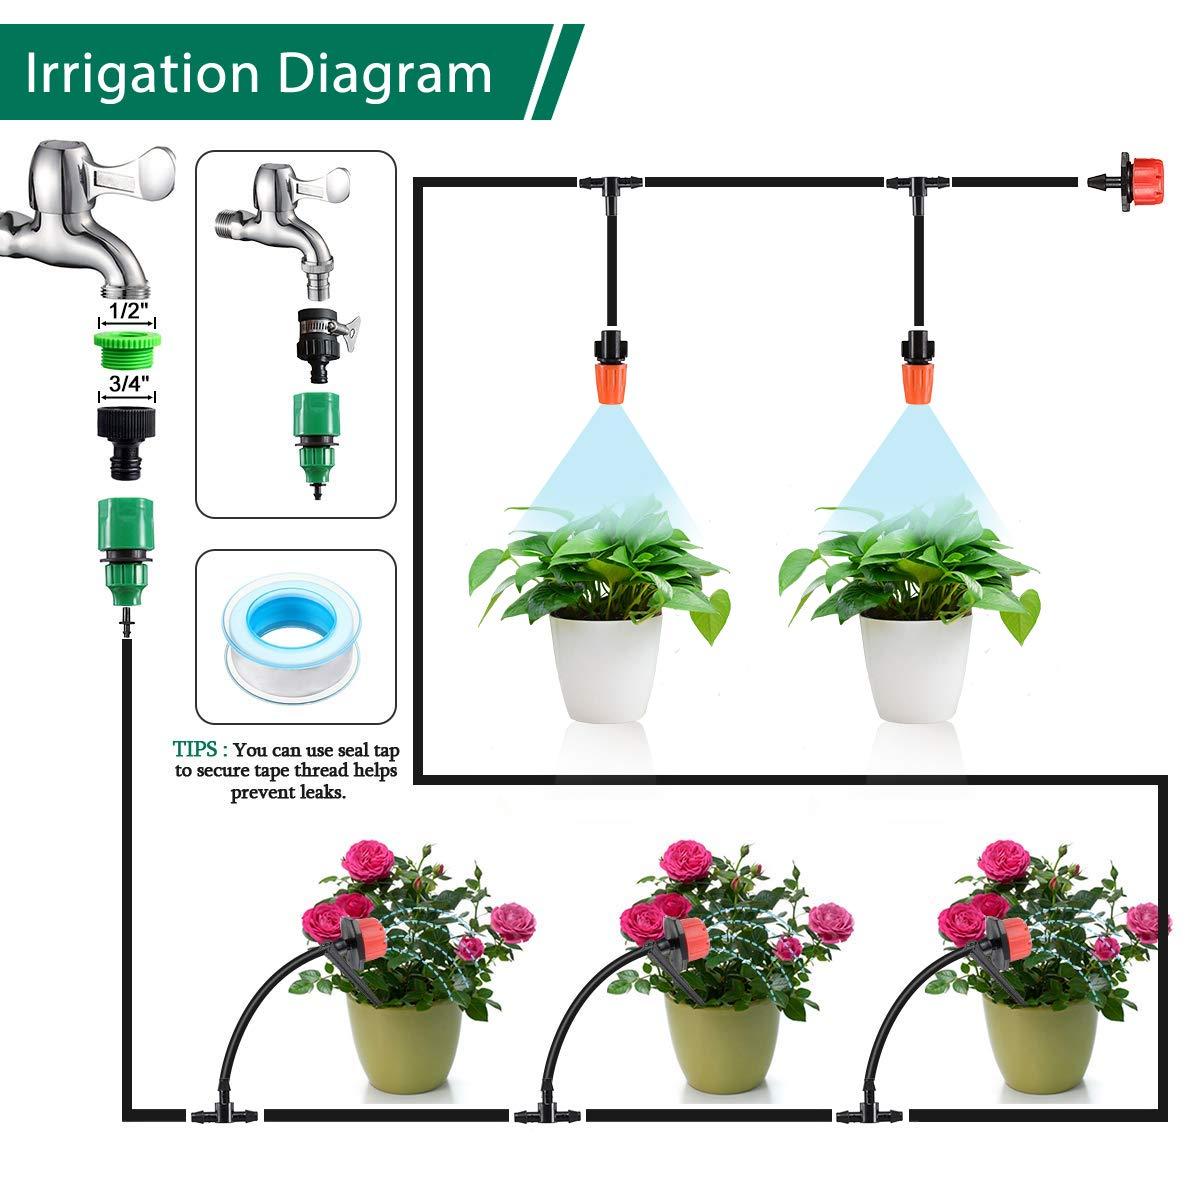 Micro Goccia Spruzzatore Sistema Impianto Automatico Irrigazione king do way 15M Kit per Irrigazione a Goccia DIY Regolabile 20pcs Micro Dripper + 20pcs Ugello